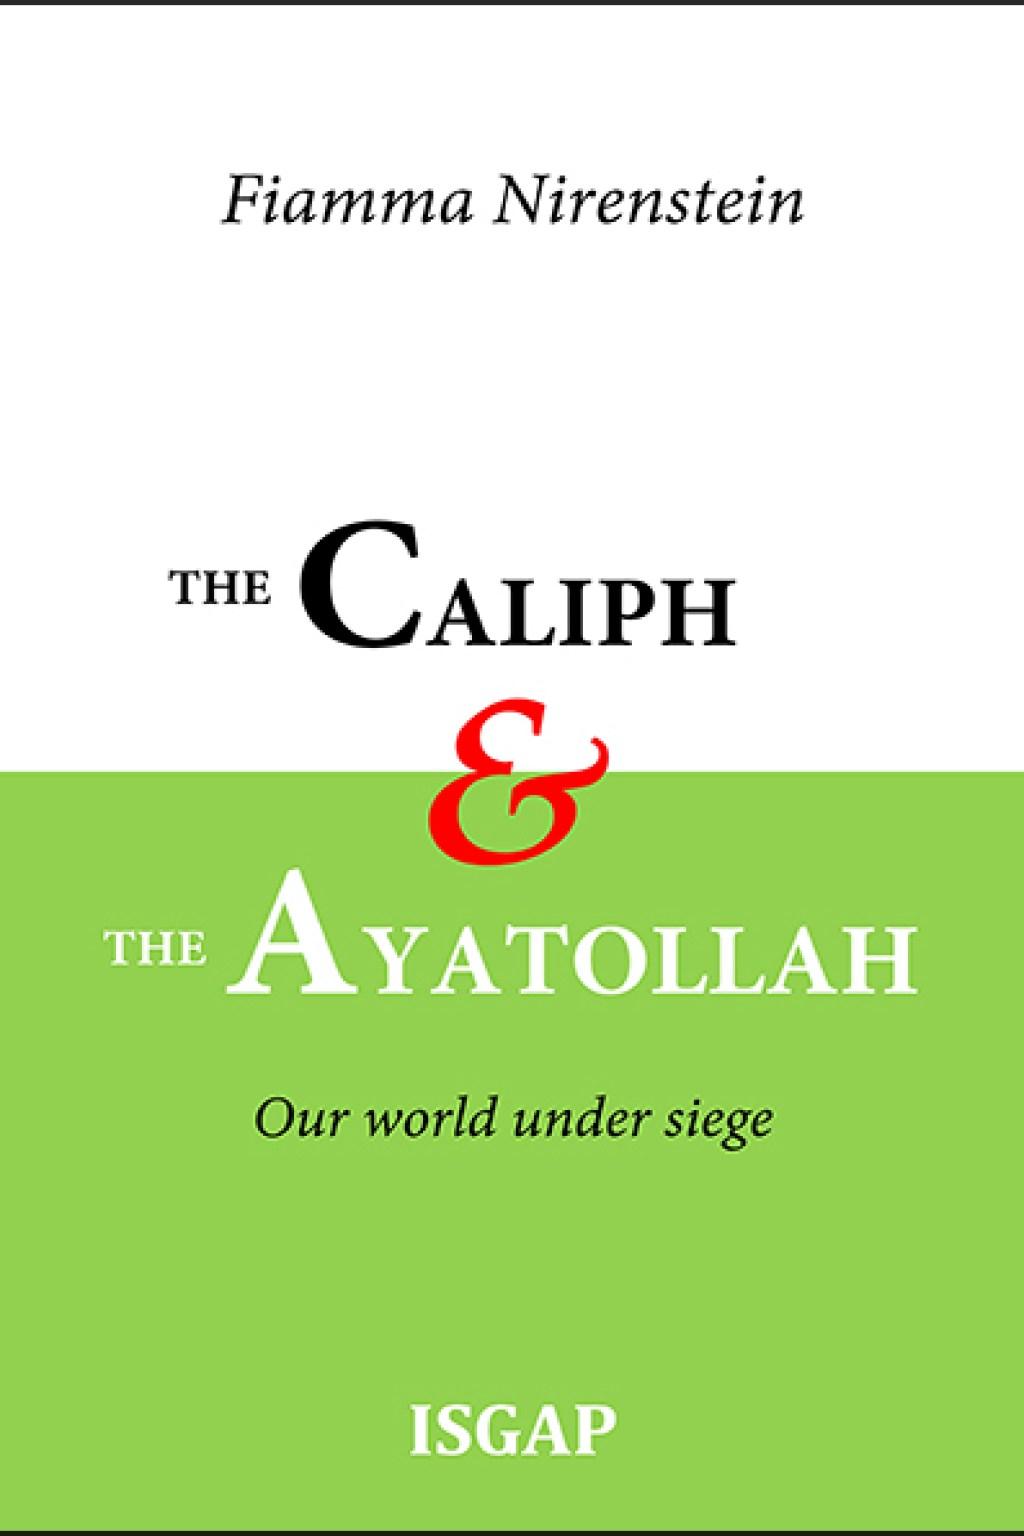 The Caliph & the Ayatollah